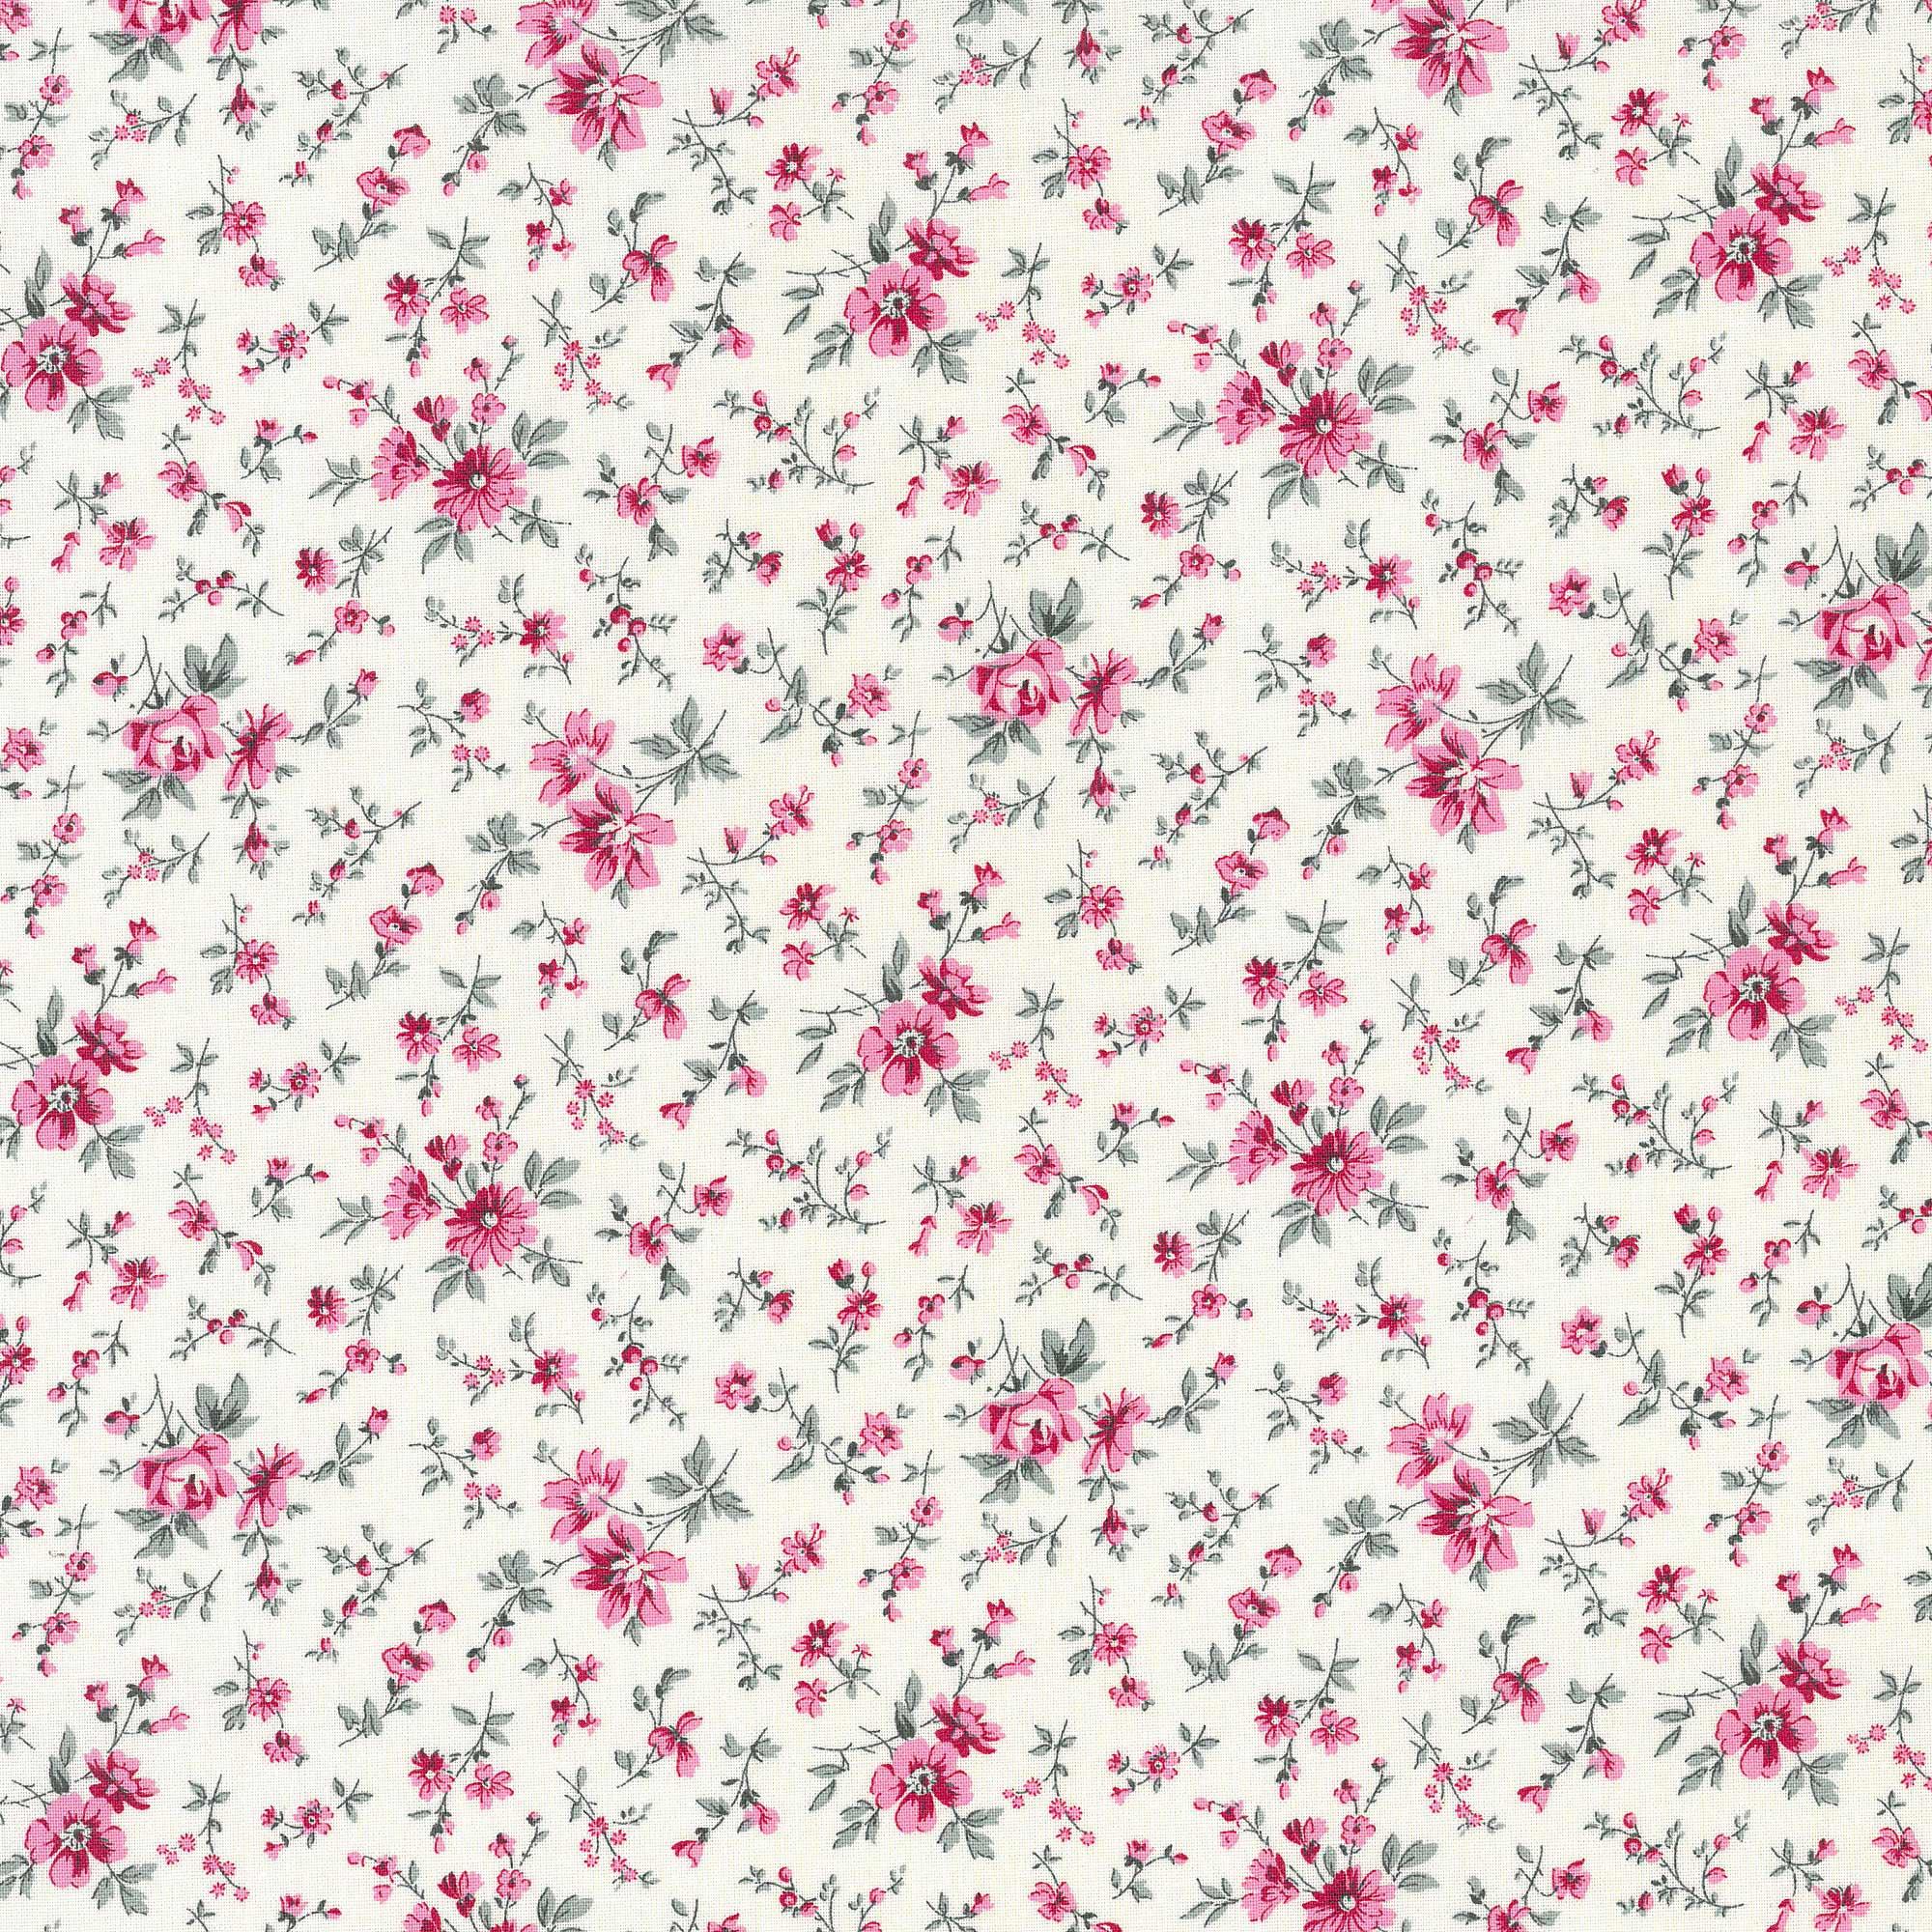 produkt_img/010505243.jpg